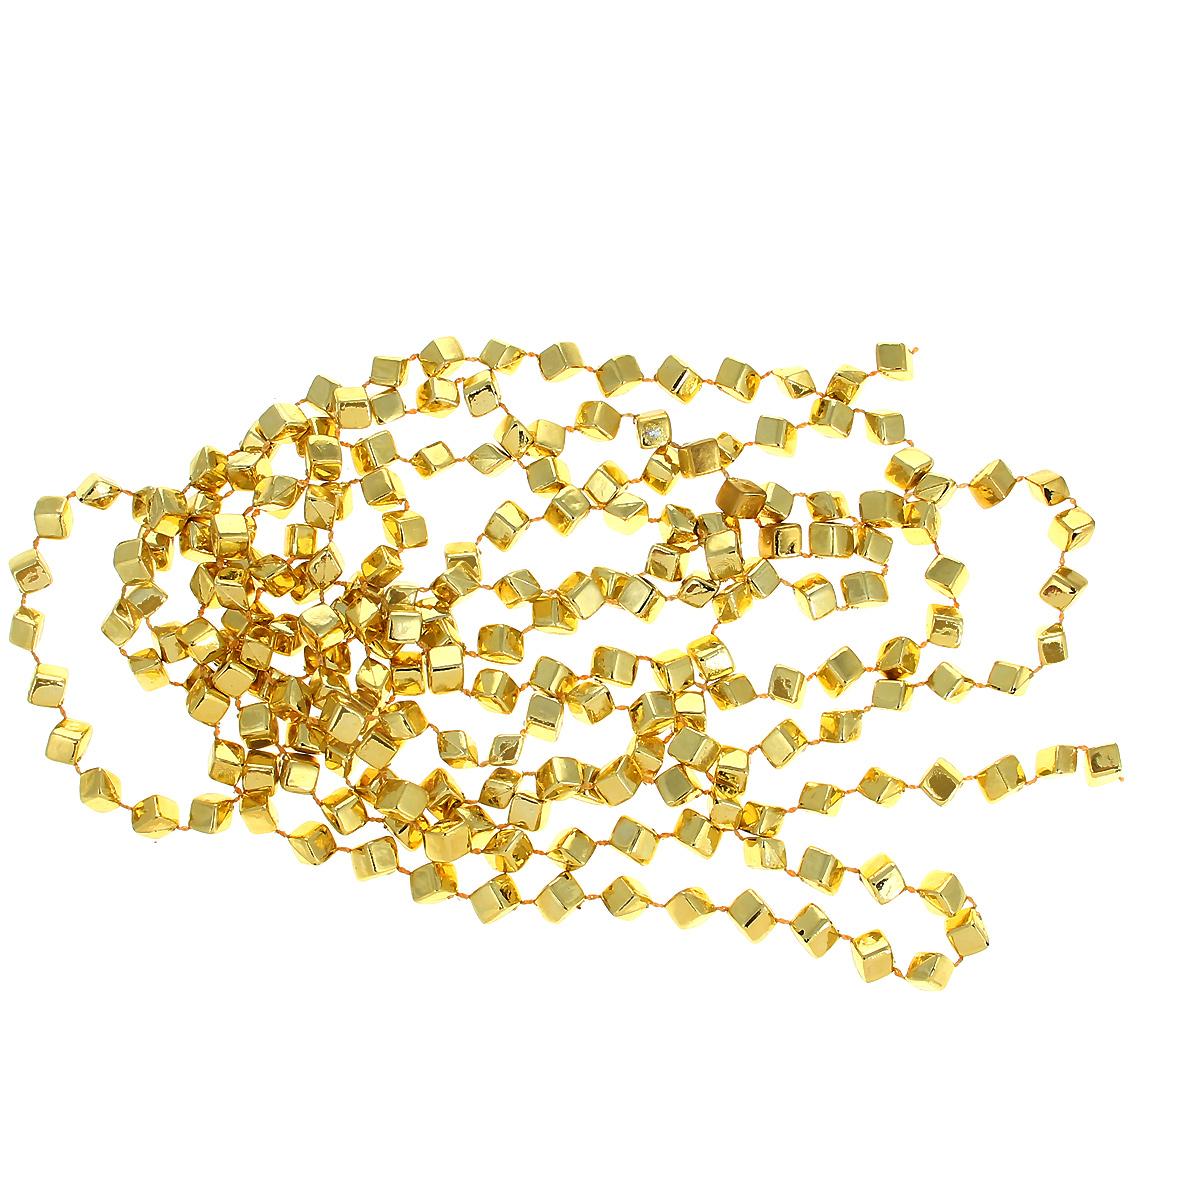 Новогодняя гирлянда Кубики, цвет: золотистый, 270 см34328Новогодняя гирлянда прекрасно подойдет для декора дома или офиса. Украшение выполнено из разноцветной металлизированной фольги. С помощью специальных петелек гирлянду можно повесить в любом понравившемся вам месте. Украшение легко складывается и раскладывается. Новогодние украшения несут в себе волшебство и красоту праздника. Они помогут вам украсить дом к предстоящим праздникам и оживить интерьер по вашему вкусу. Создайте в доме атмосферу тепла, веселья и радости, украшая его всей семьей.